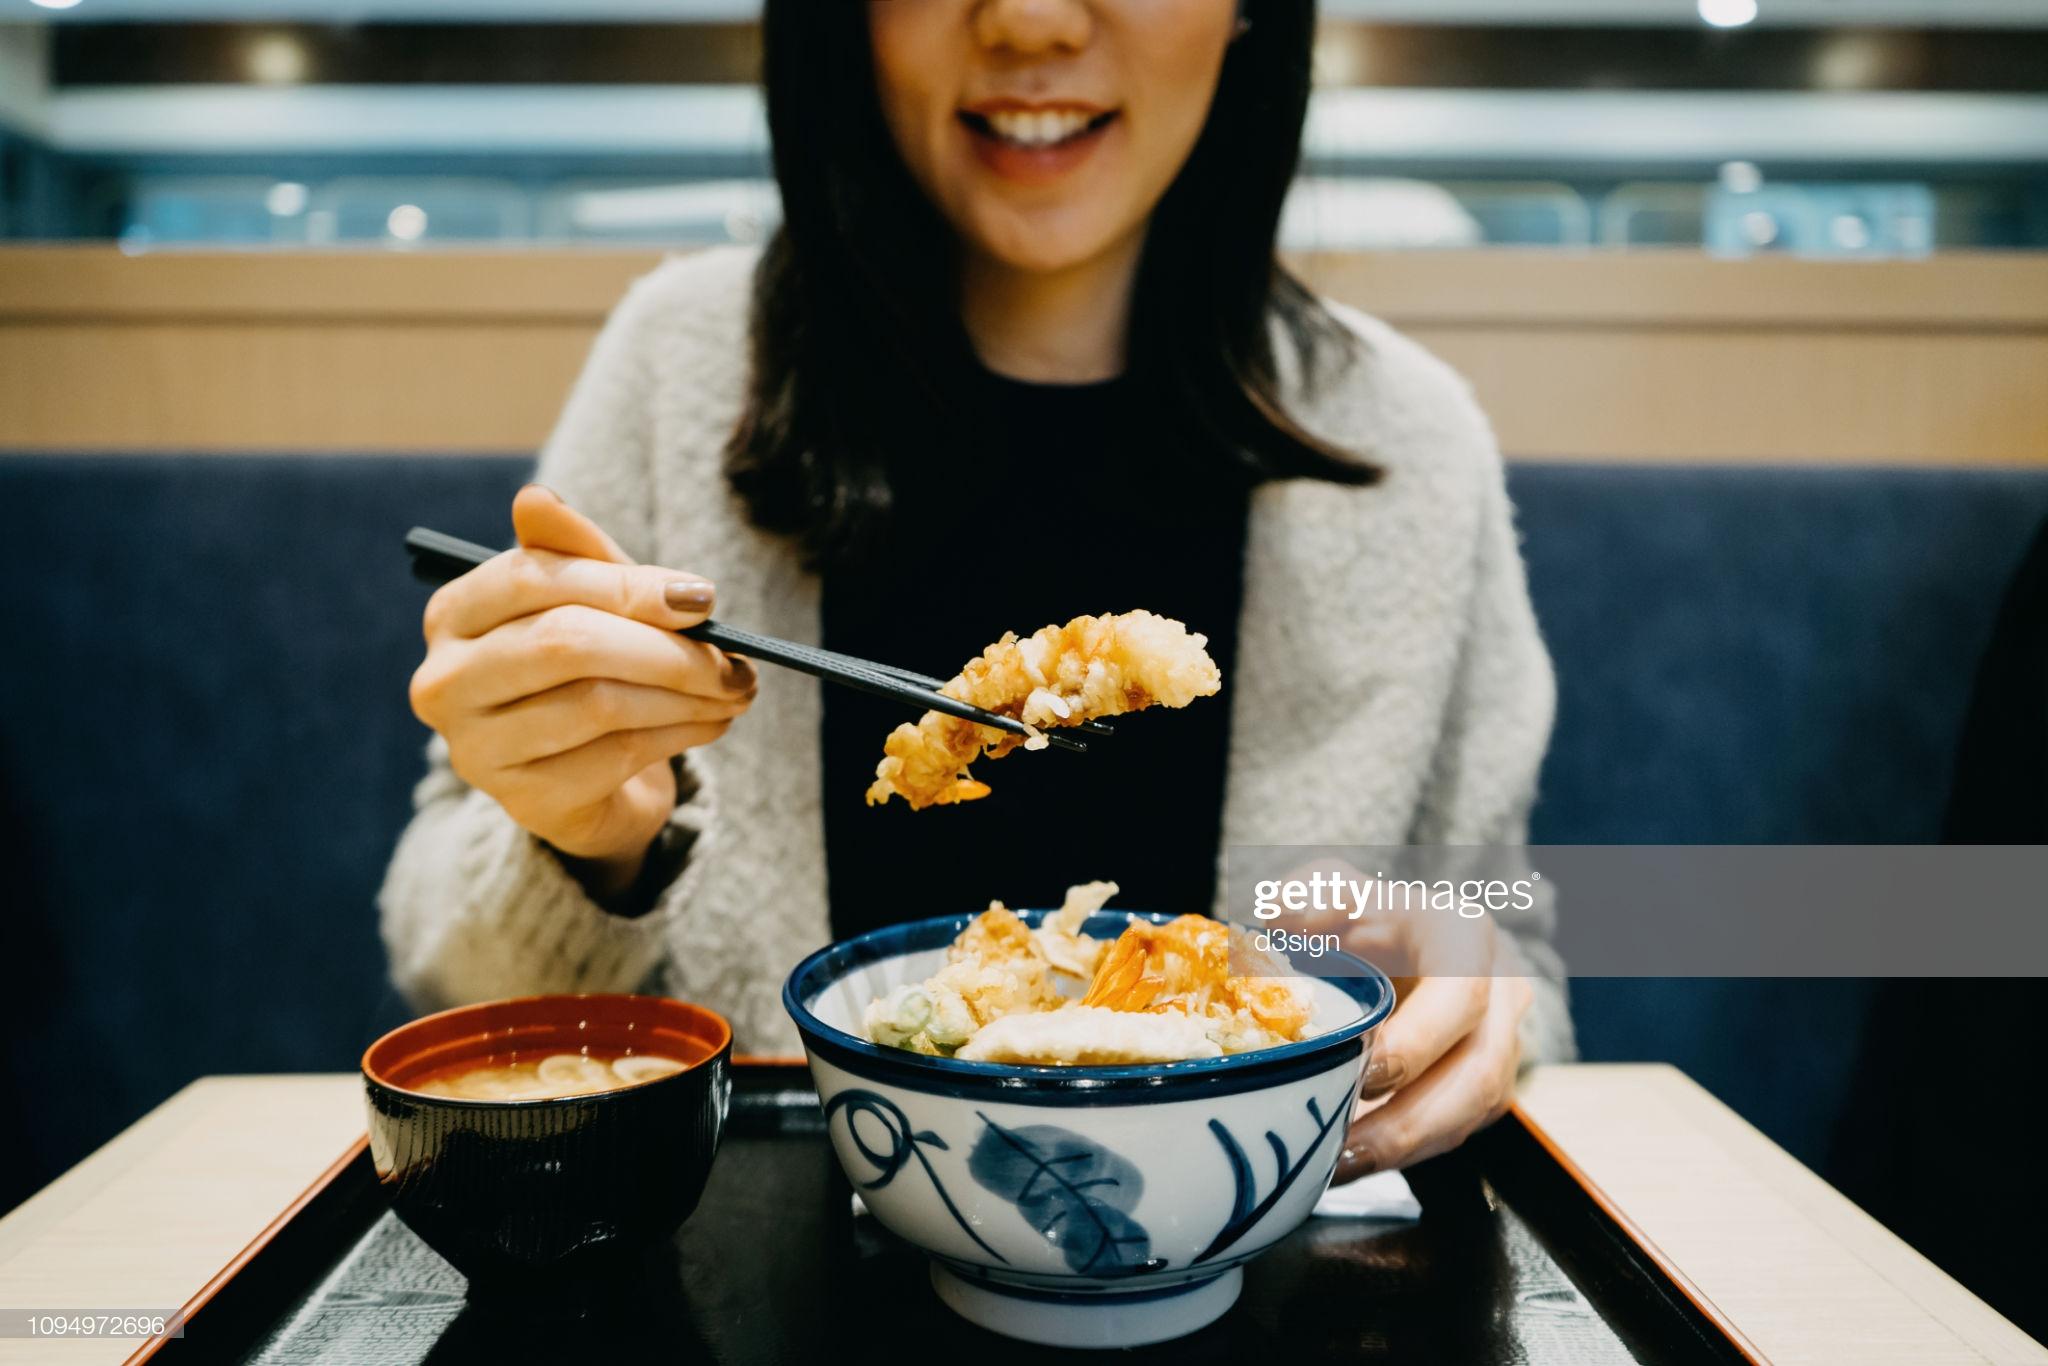 Awas Yang Asyik Fikir Pasal Makanan, Anda Mungkin Hidap 'Binge Eating Disorder'